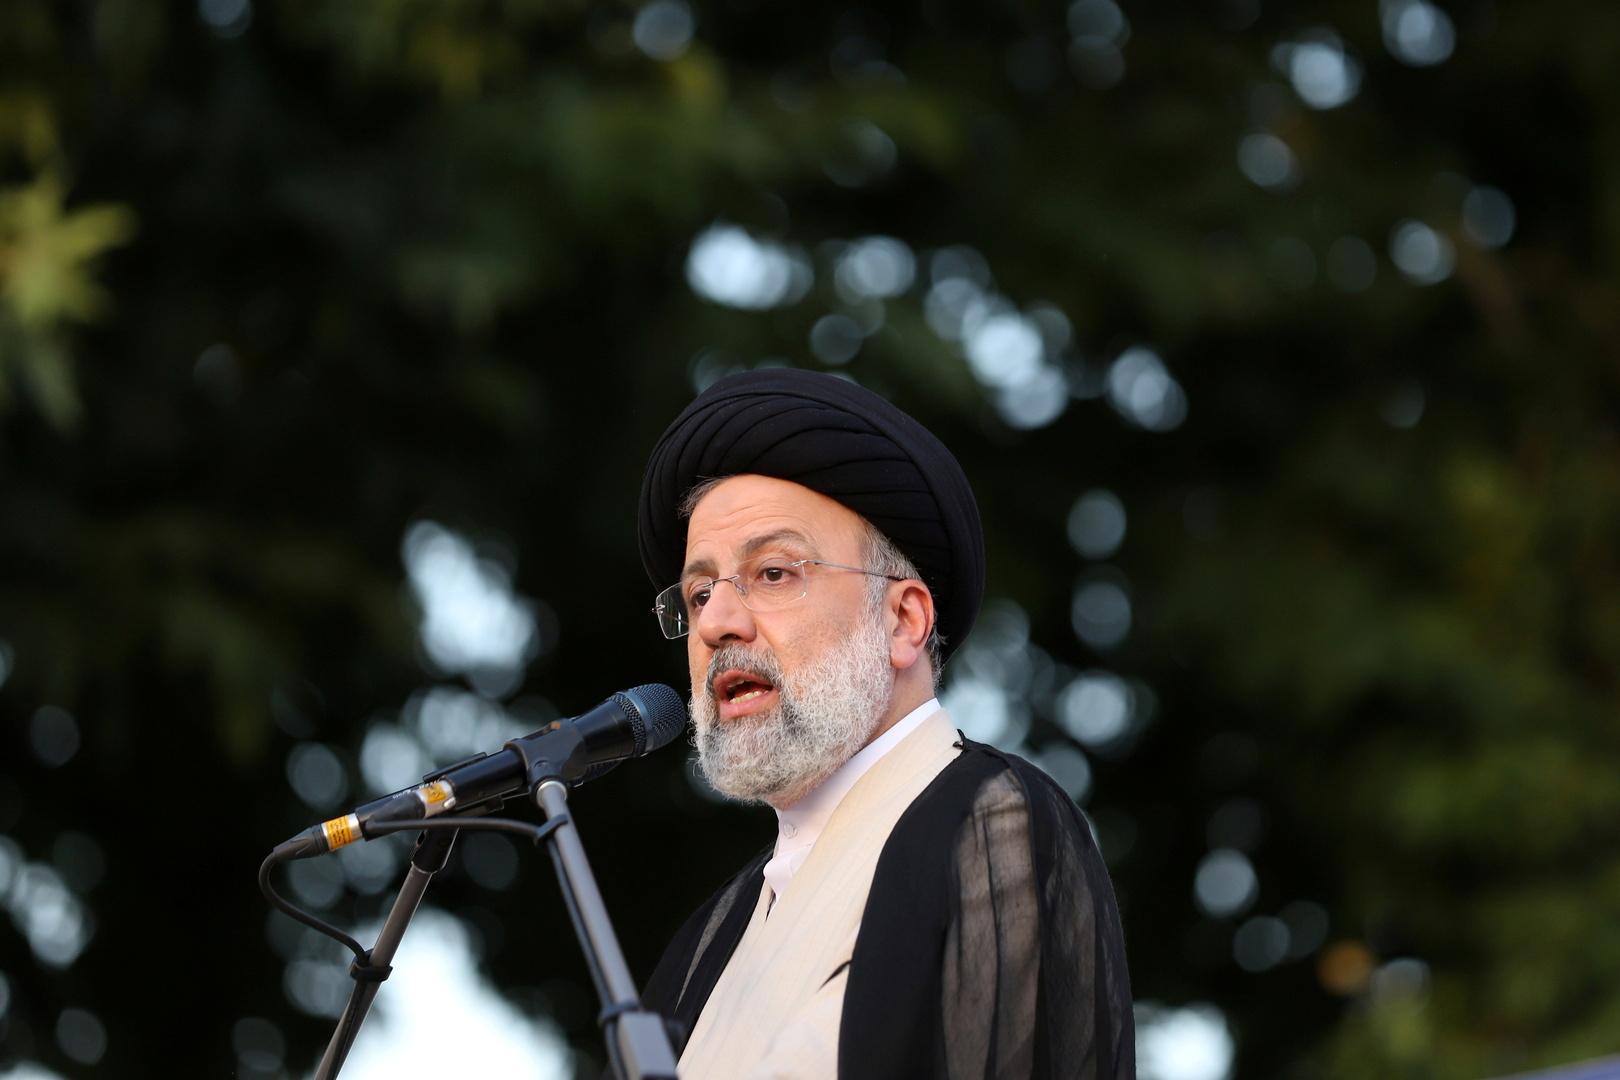 الرئيس الإيراني المنتخب: أتمنى أن أكون محل ثقة الشعب الذي انتخبني